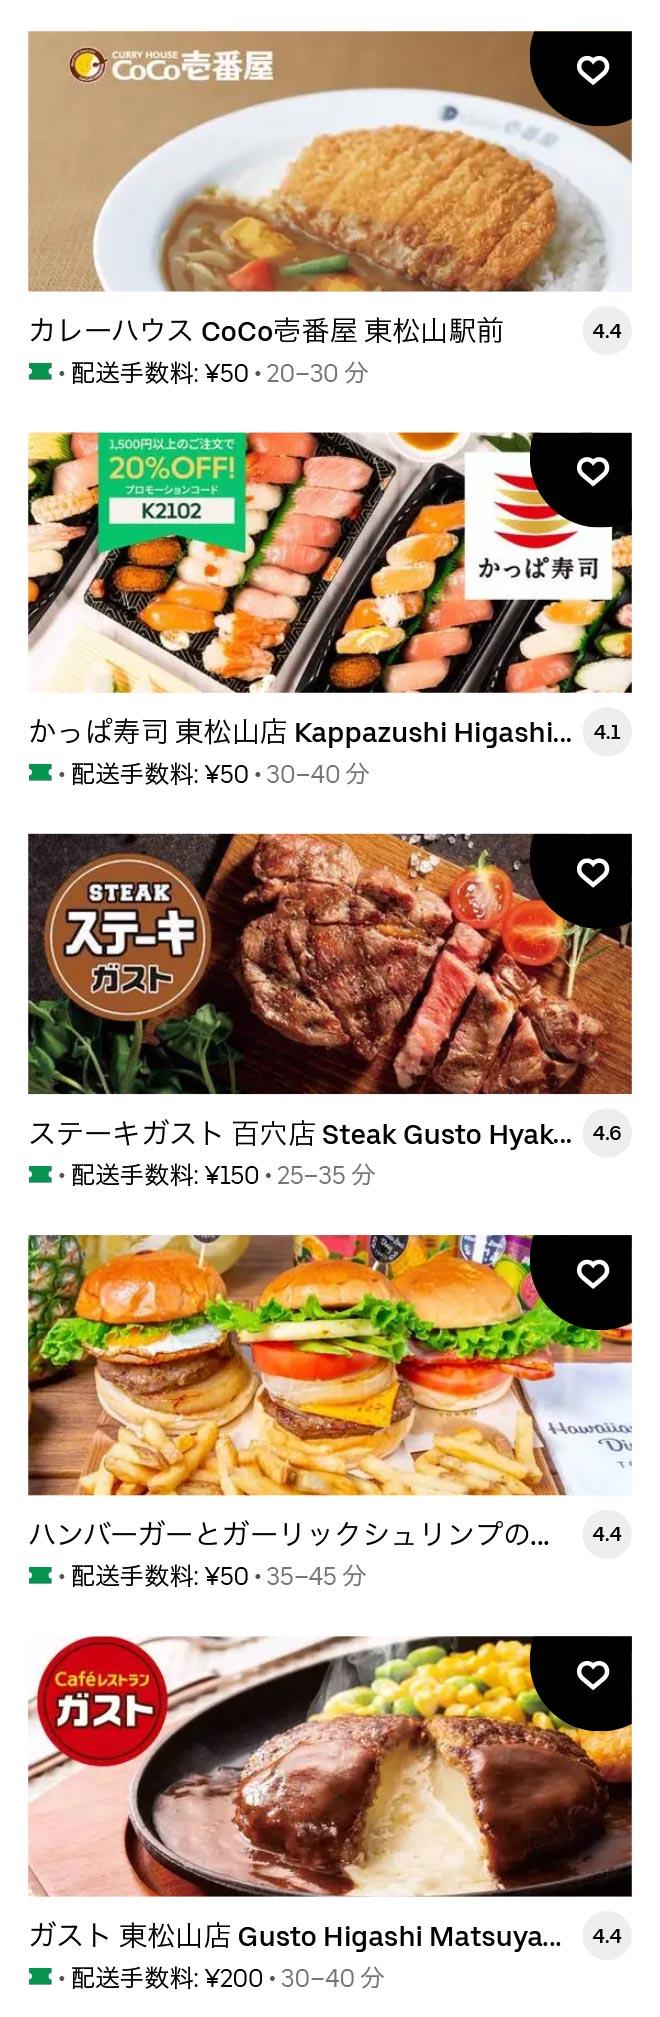 Higashi matsuyama 2102 3